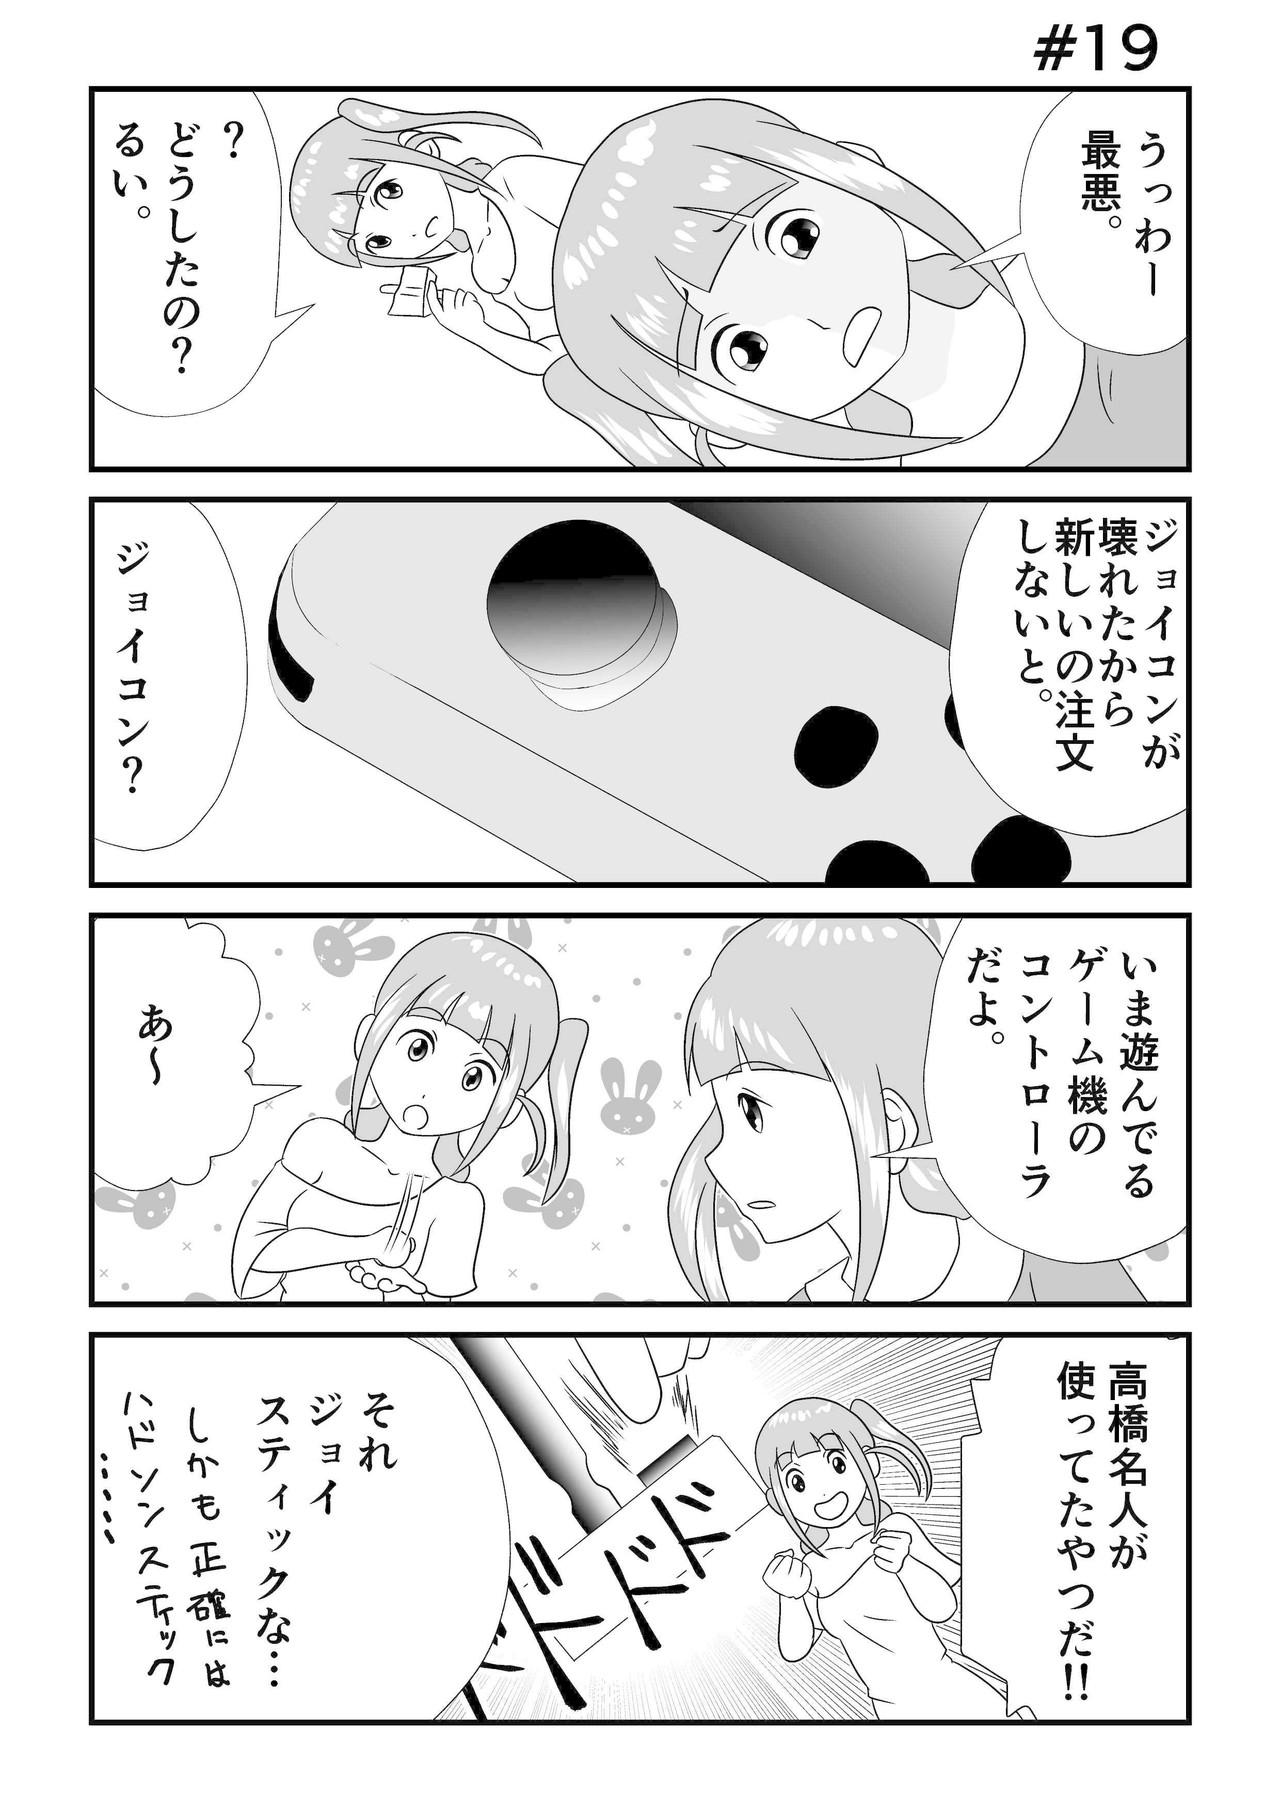 まりるい_19